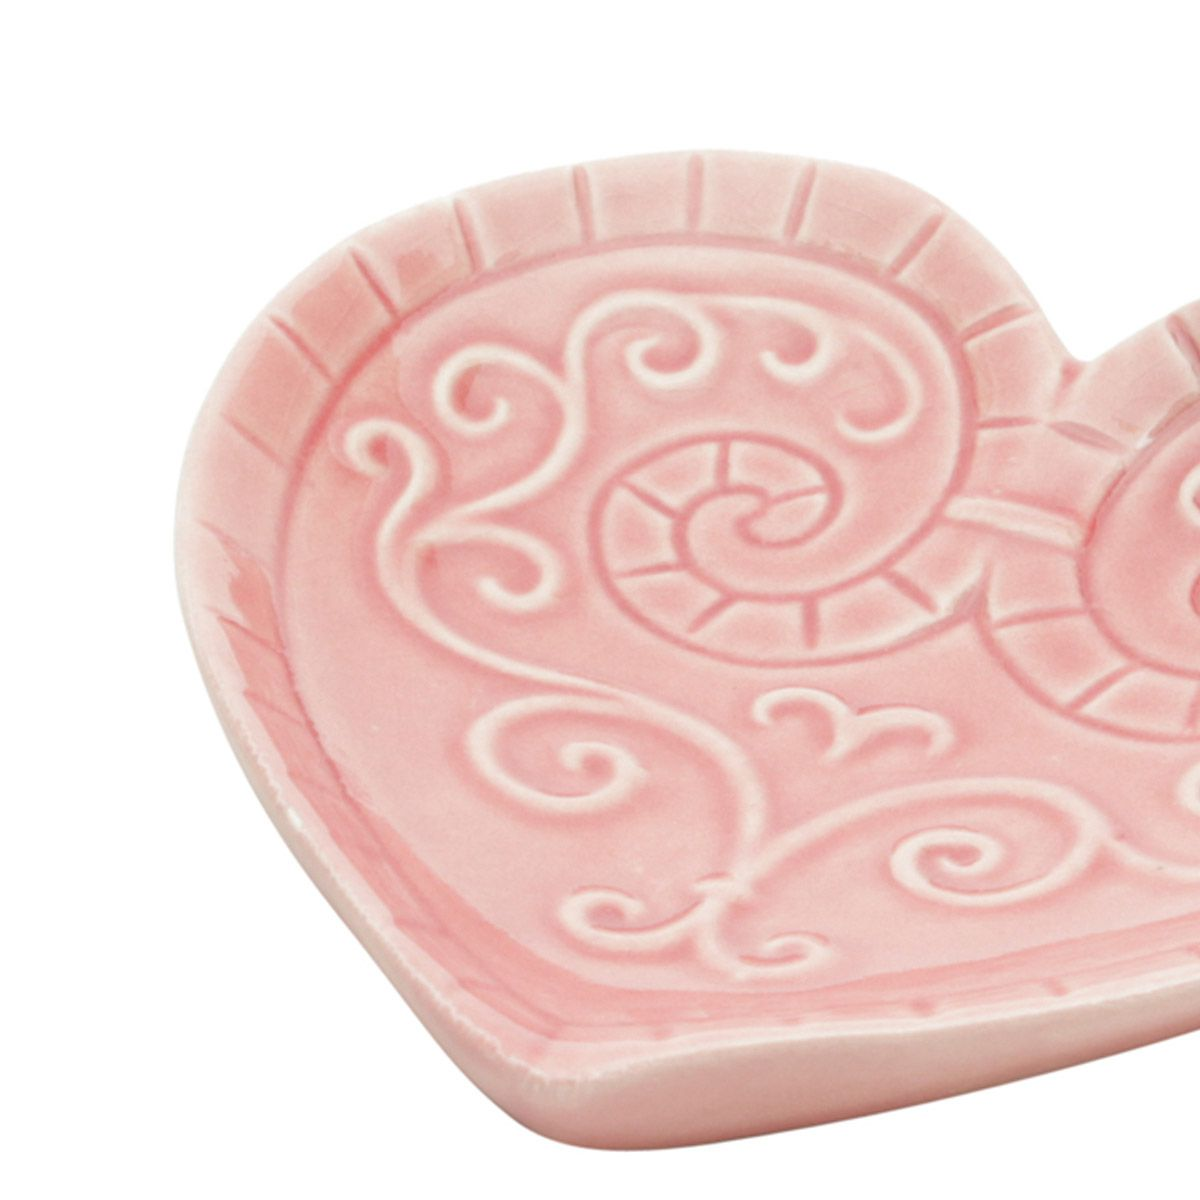 Prato decorativo 14 cm de cerâmica rosa com pássaros Coração Lyor - L4169